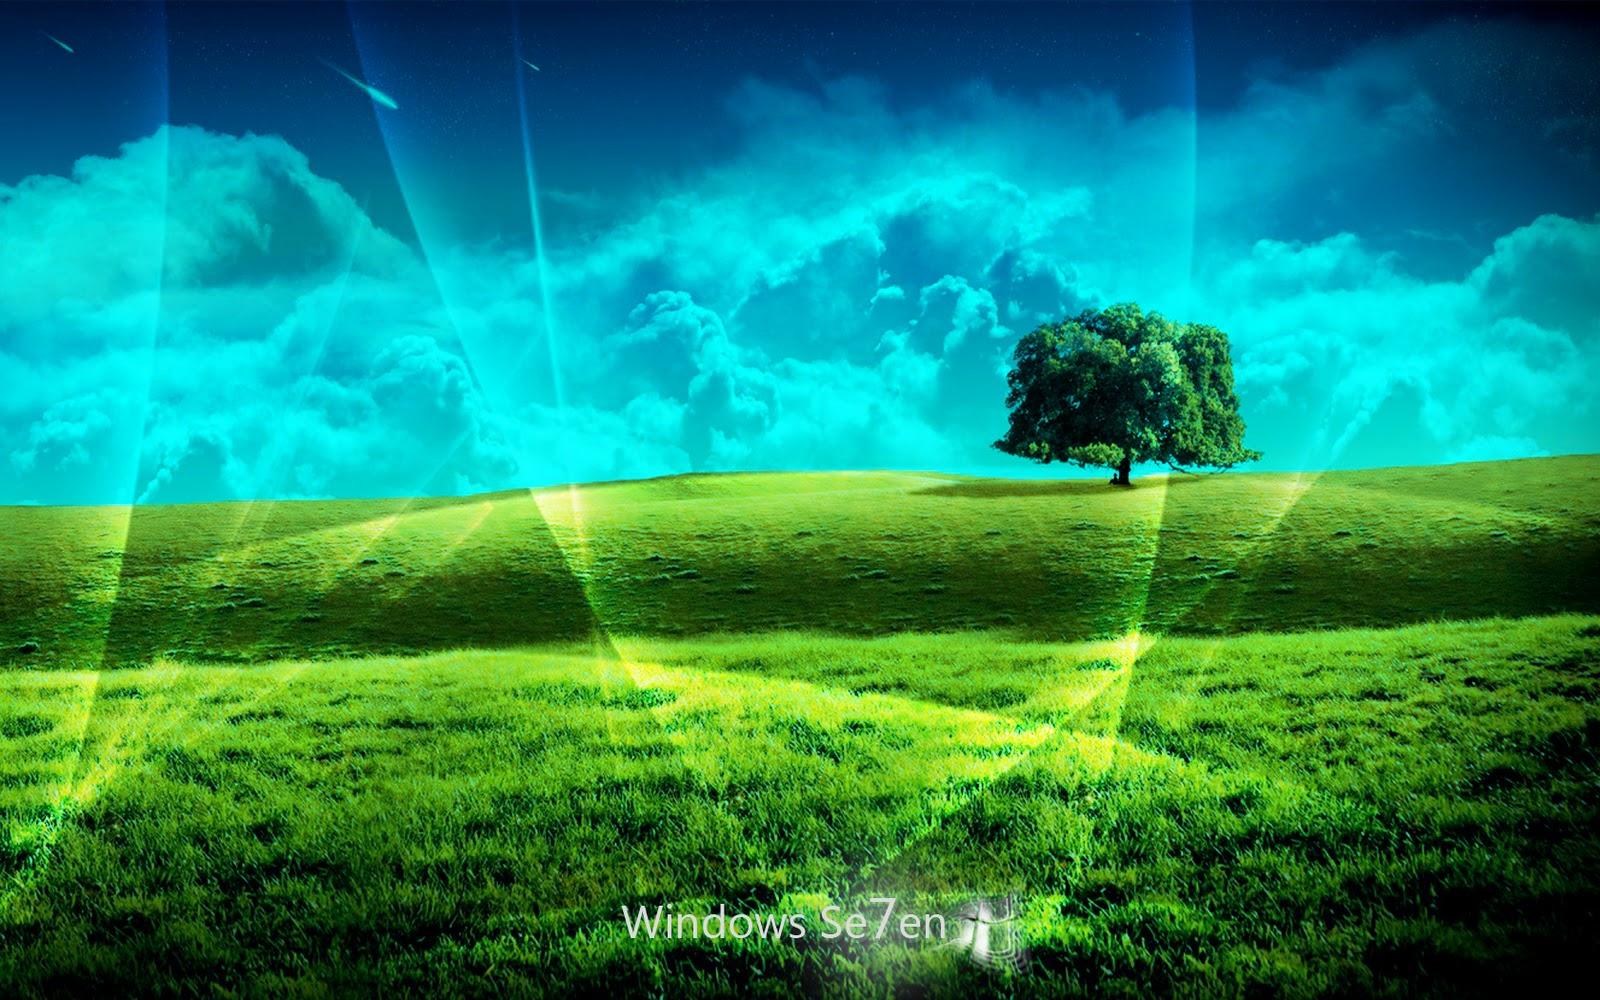 Schildkröten Bilder, paar Hintergrundbilder, Shell Vektor  - Hintergrundbilder Zum Download